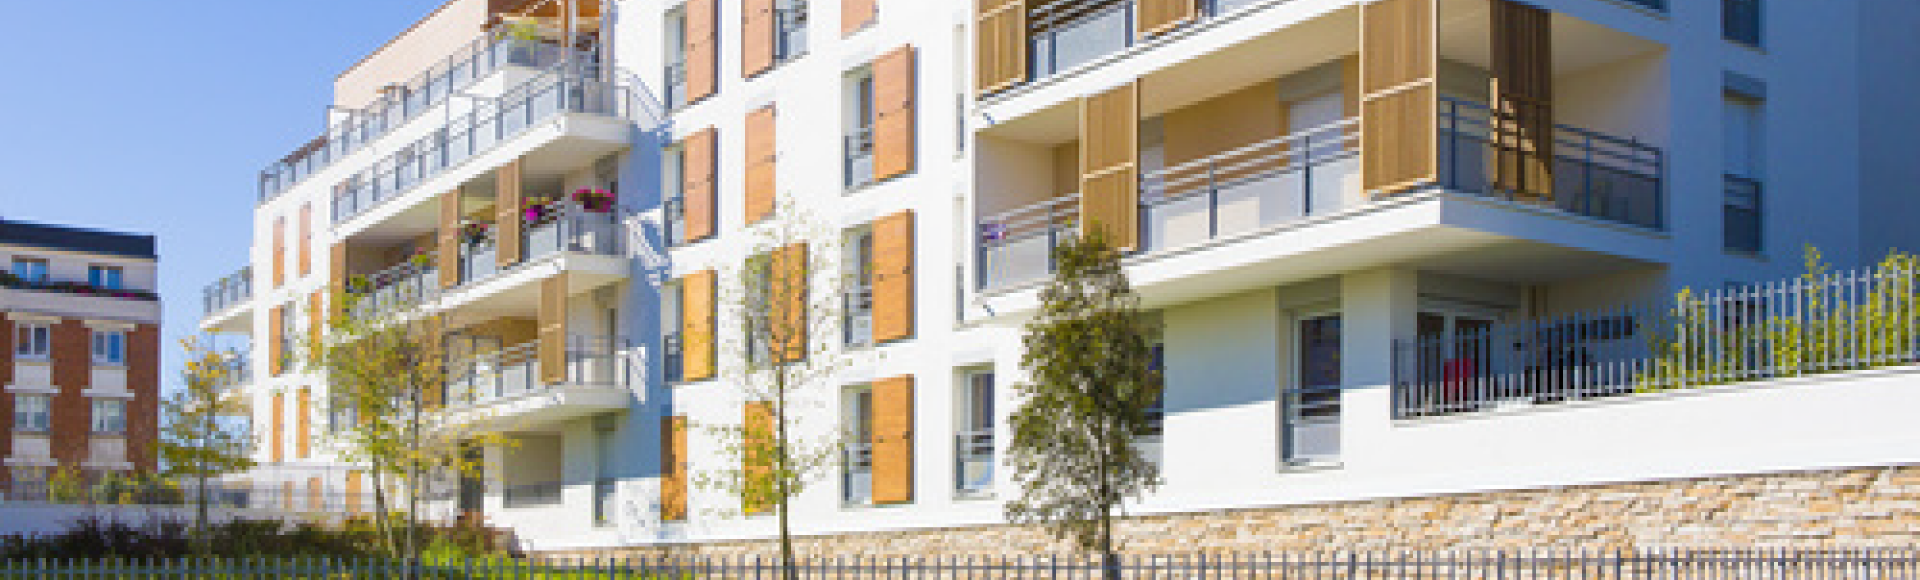 Entretien d'immeubles & de résidences